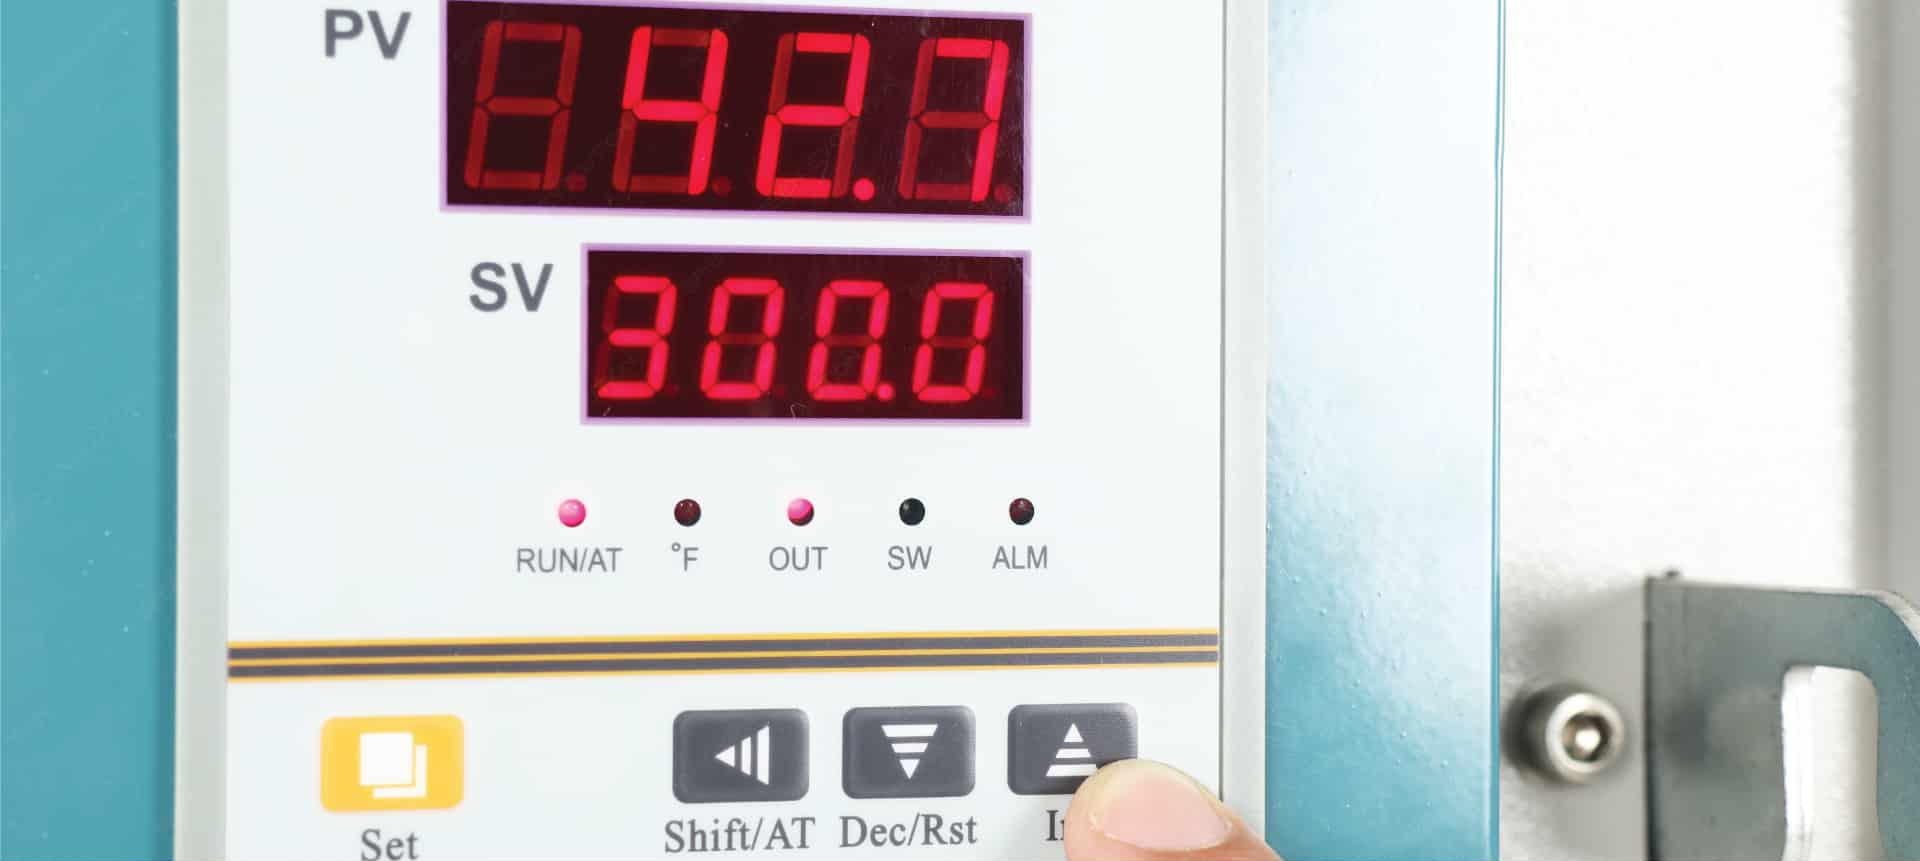 Tủ-sấy-không-khí-nóng-GE-300-how-to-1-v.2